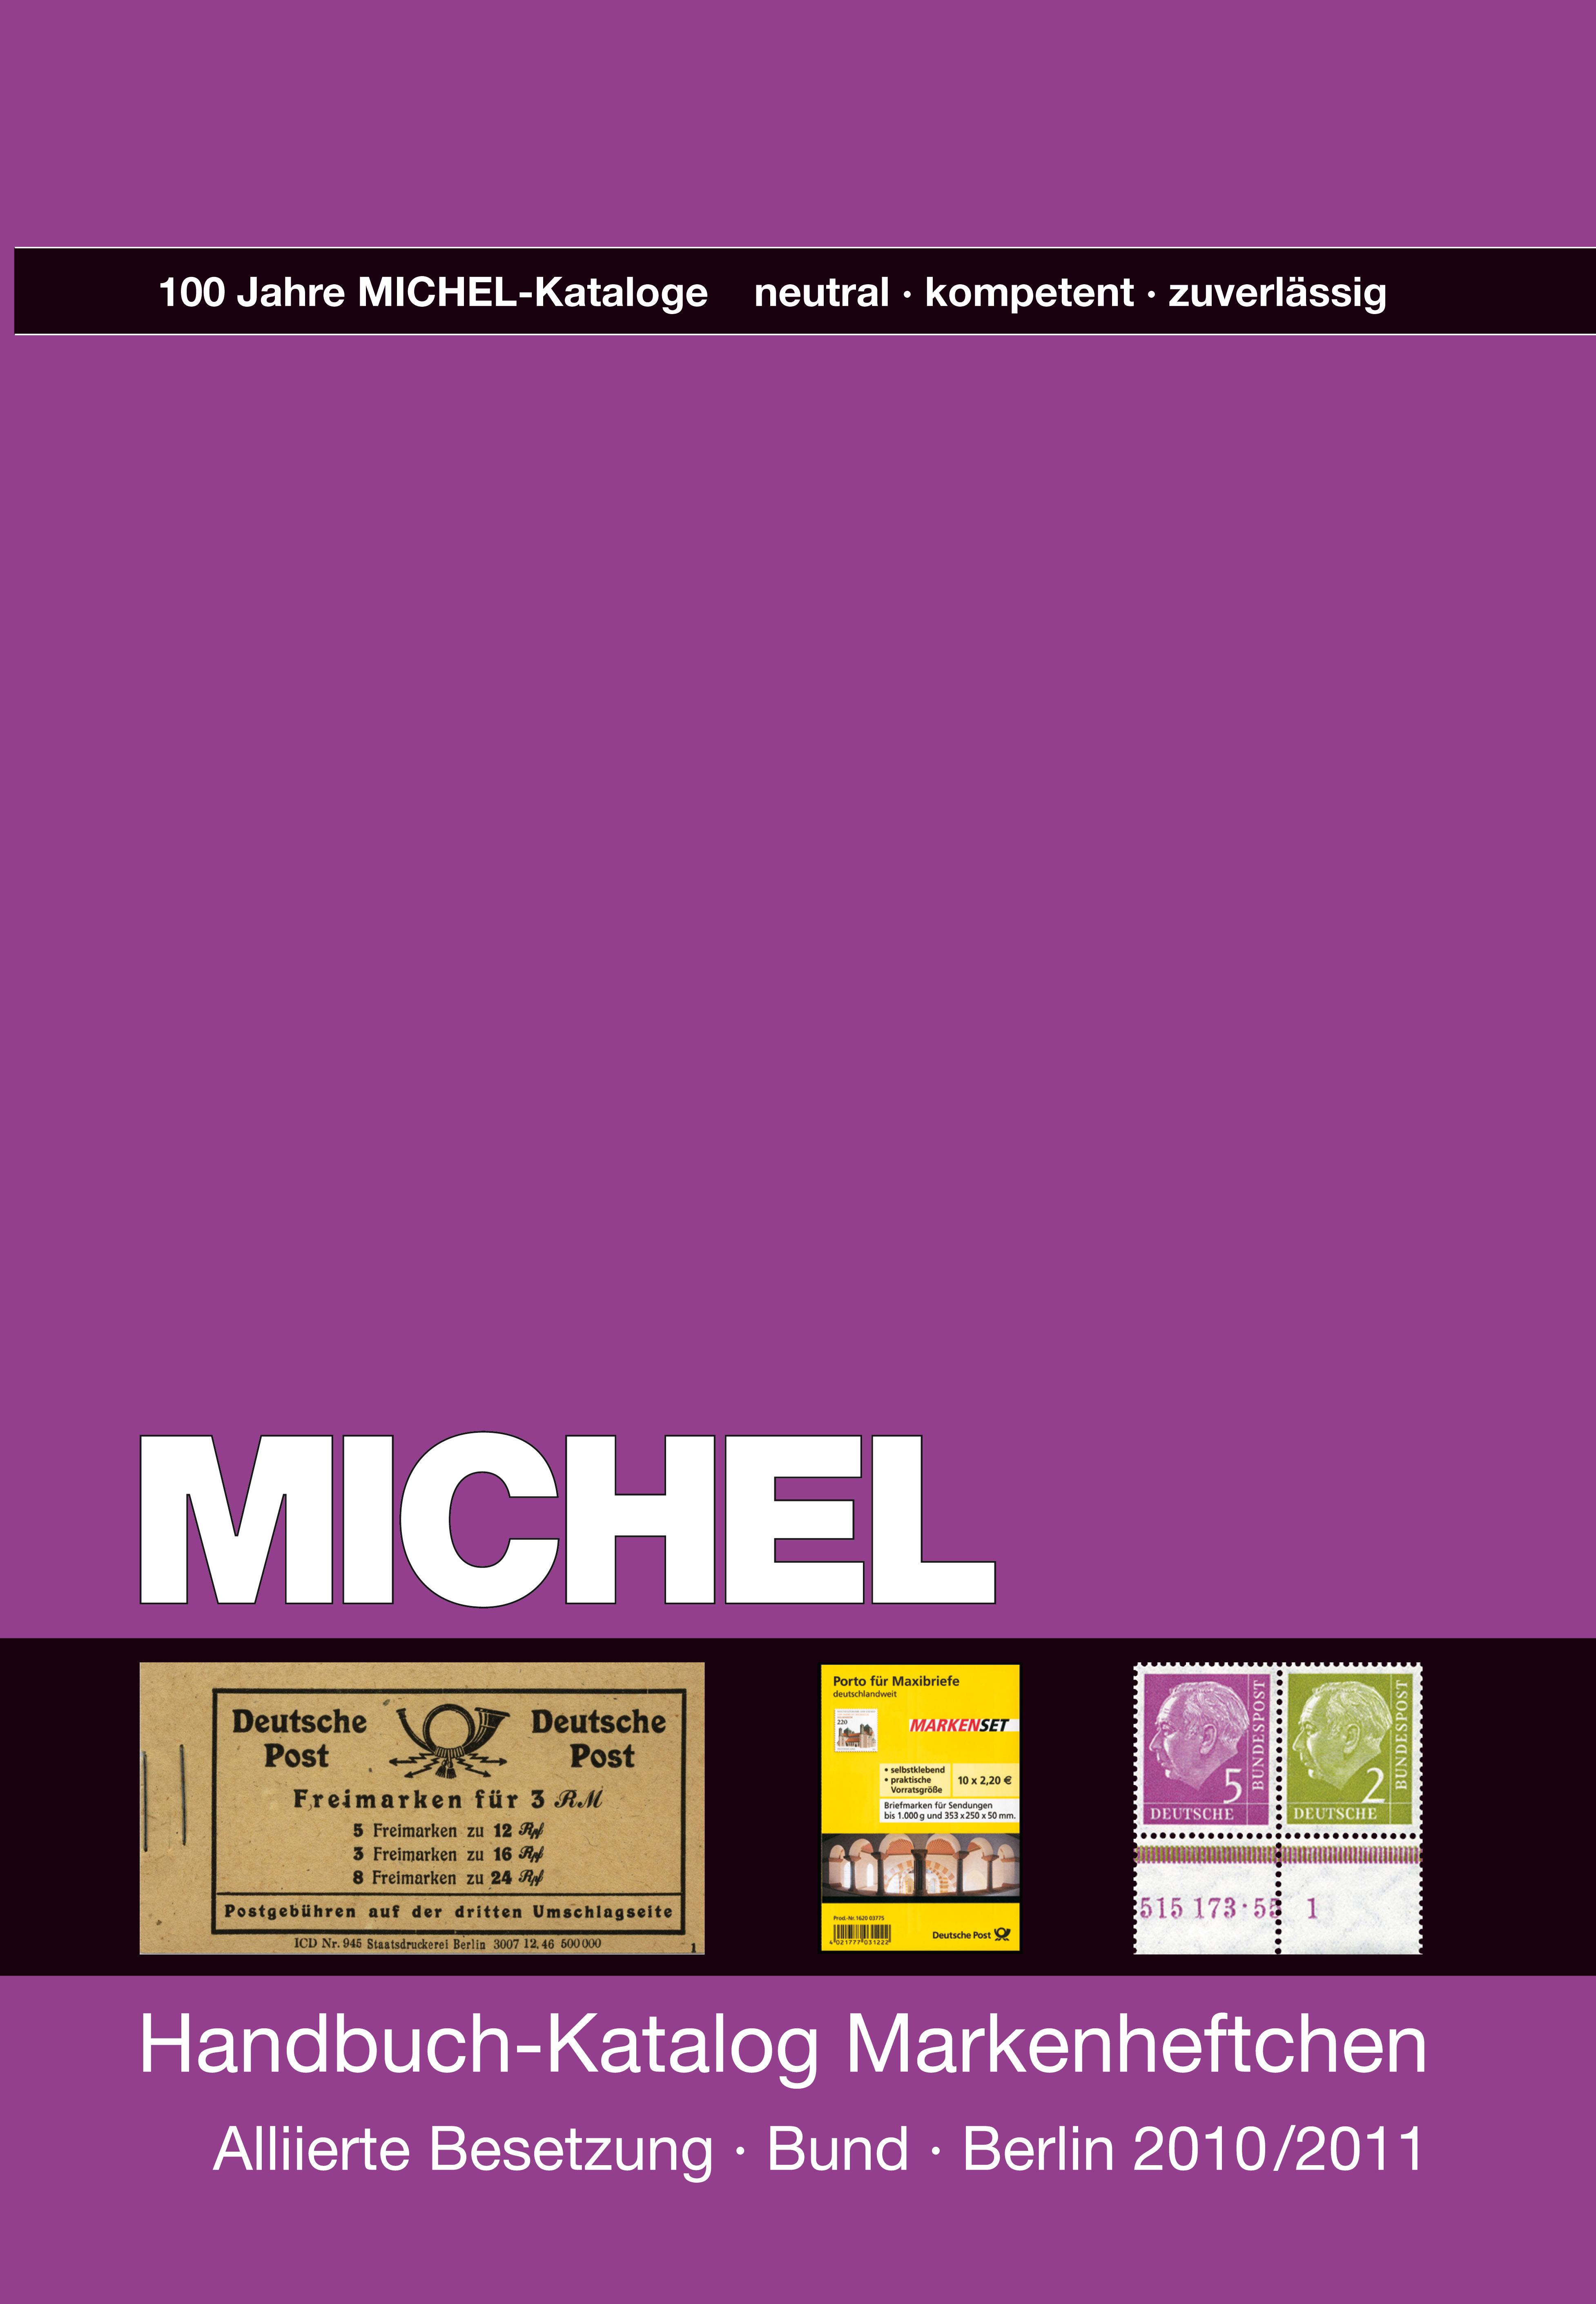 MICHEL Handbuch-Katalog Markenheftchen Katalog Alliierte Besetzu